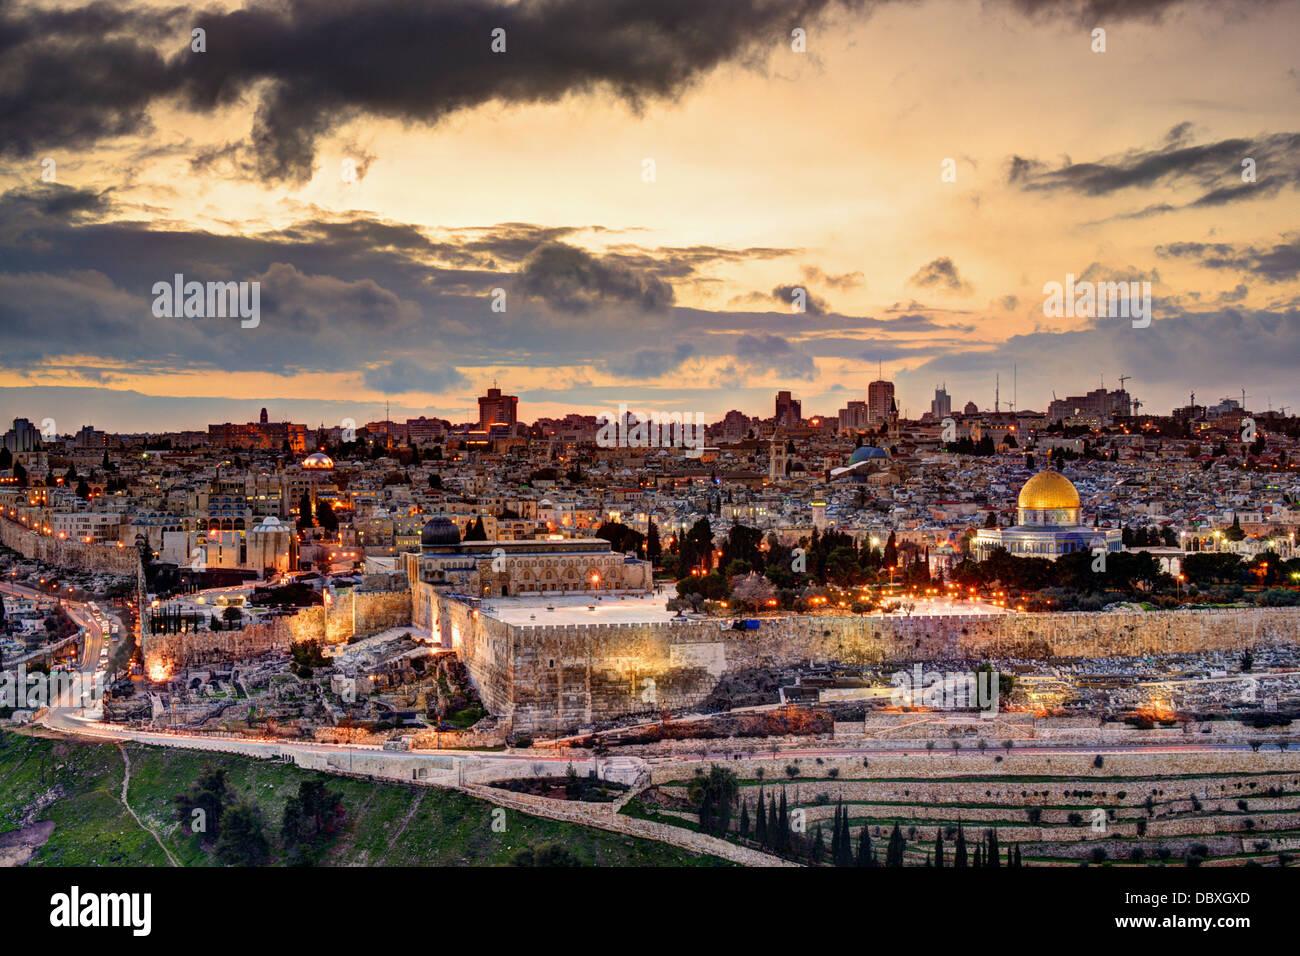 Skyline della Città Vecchia e il Monte del Tempio a Gerusalemme, Israele. Immagini Stock